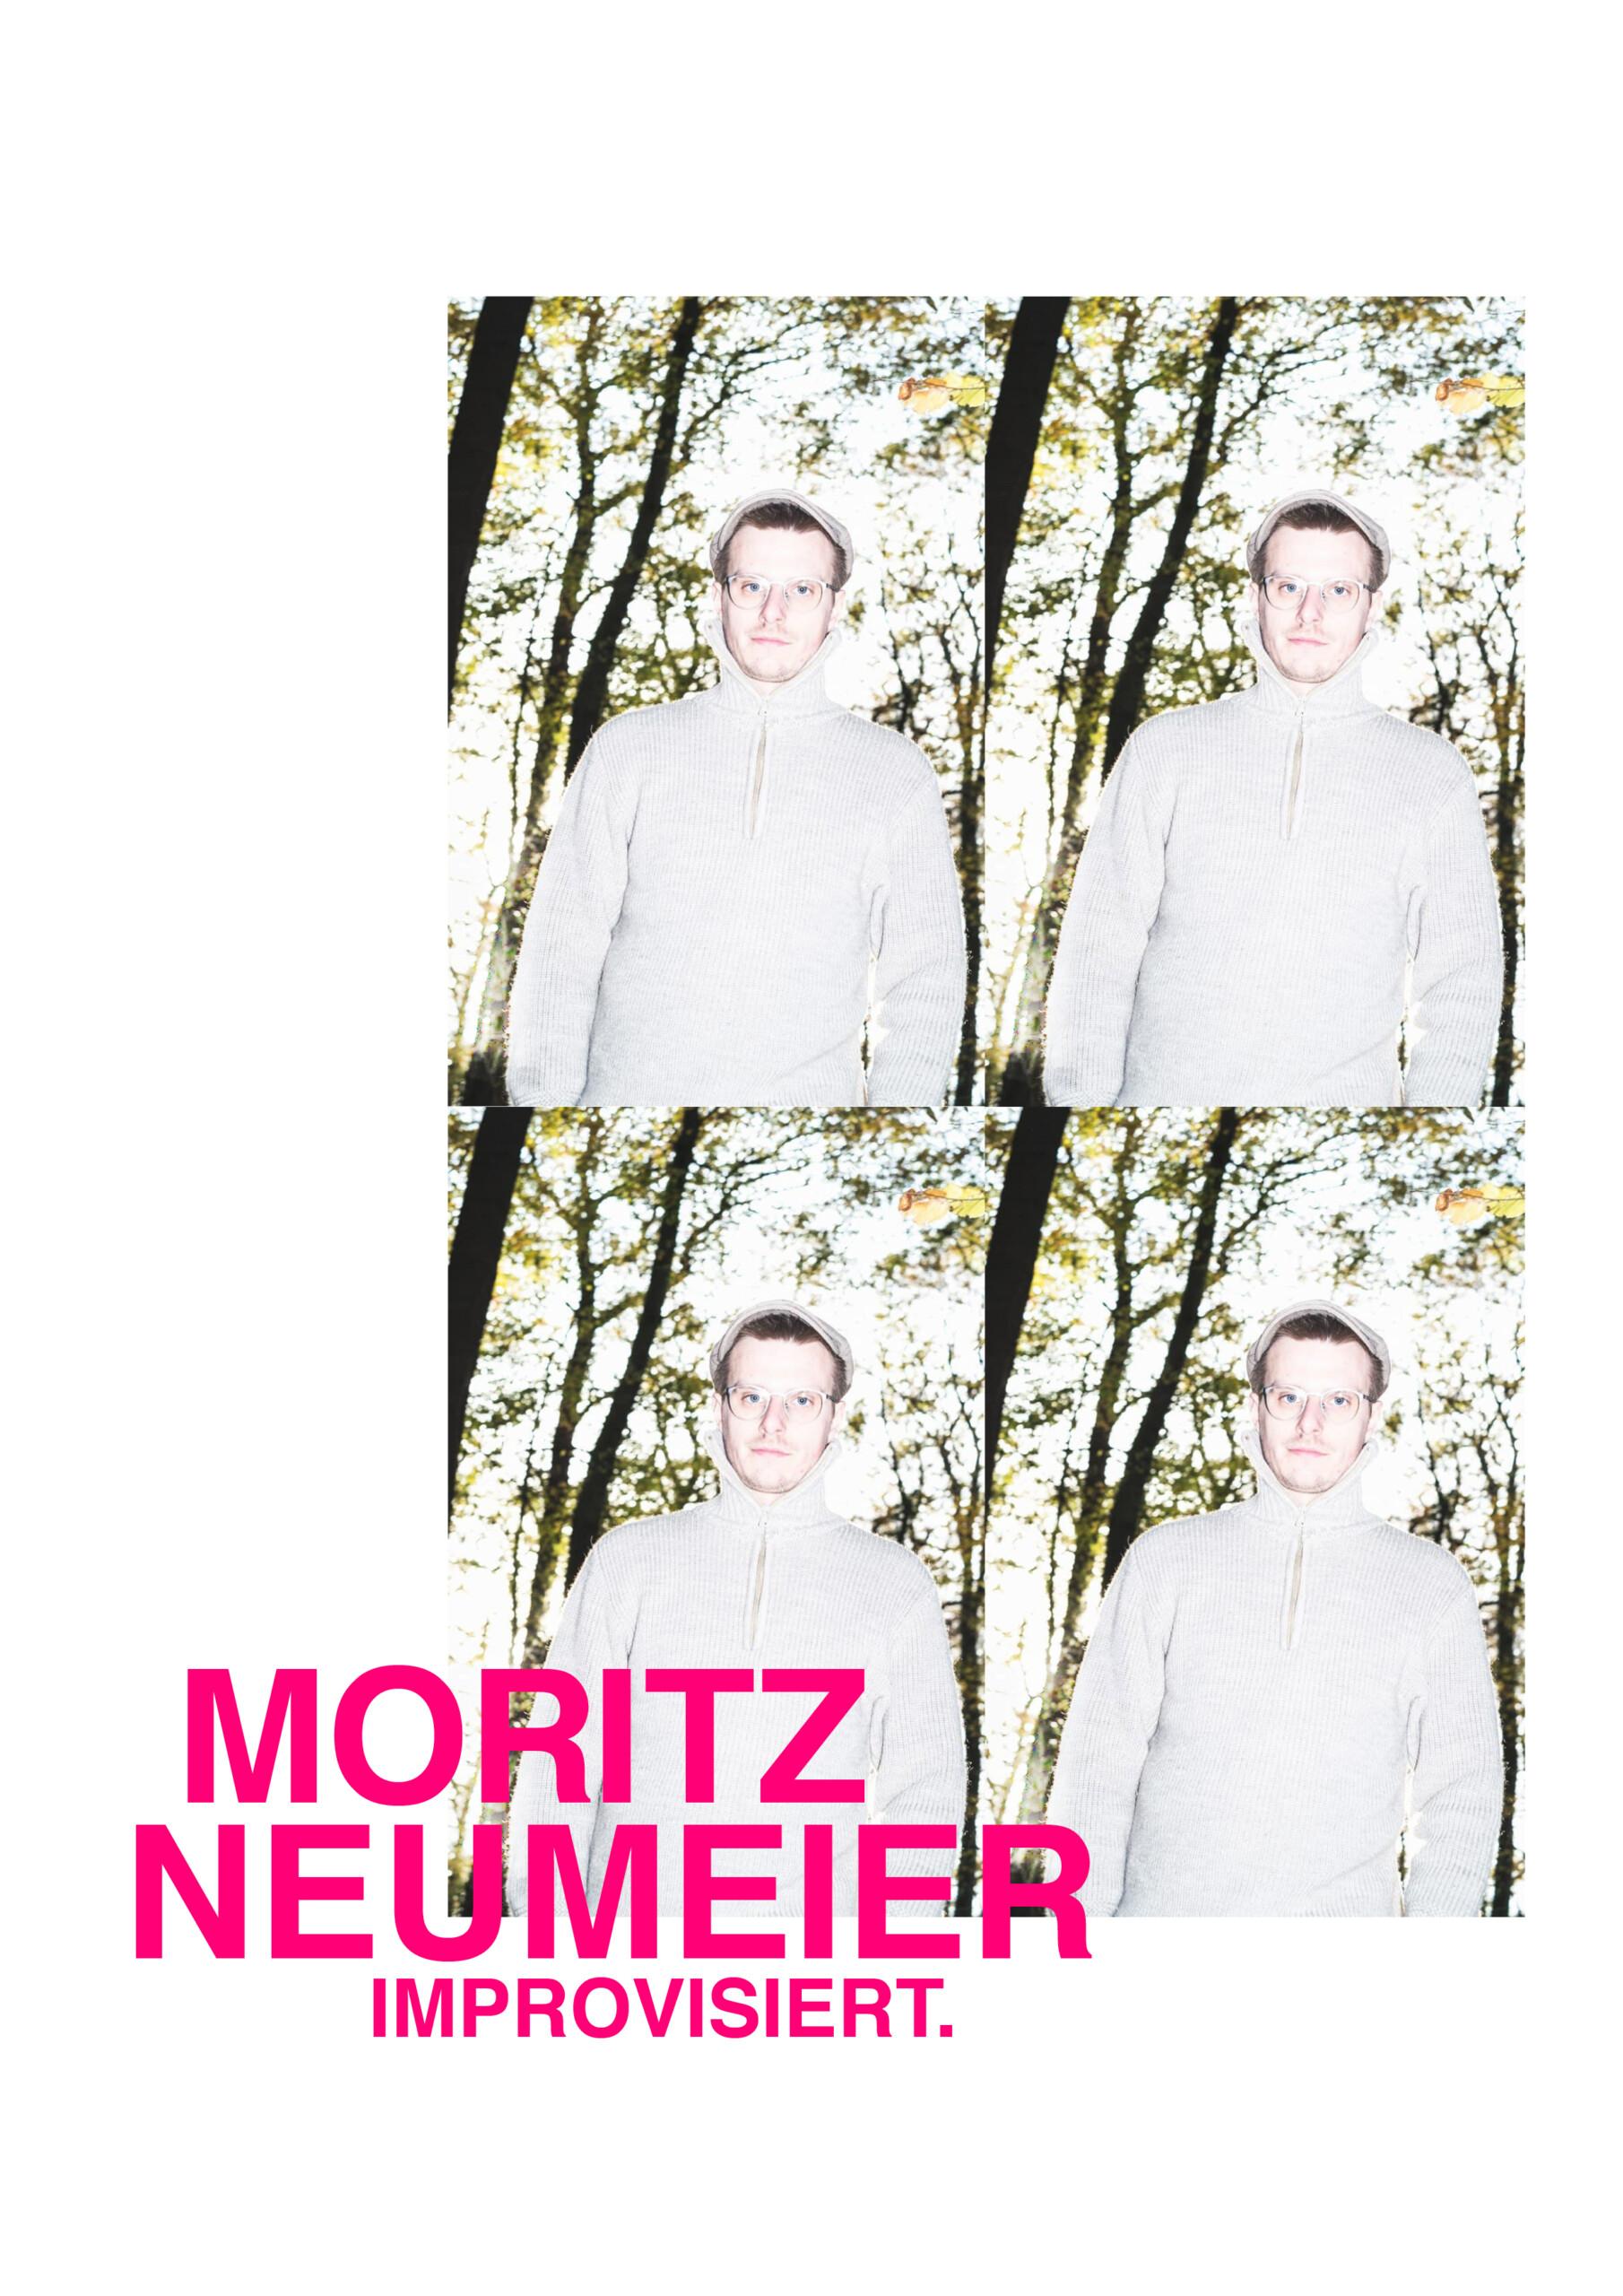 *** Moritz Neumeier. Improvisiert.